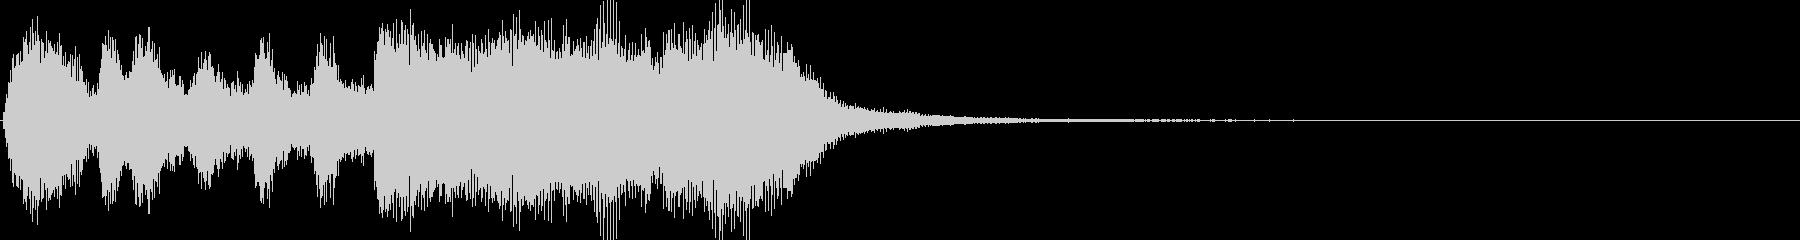 軽い/軽め/小さい ファンファーレ6の未再生の波形